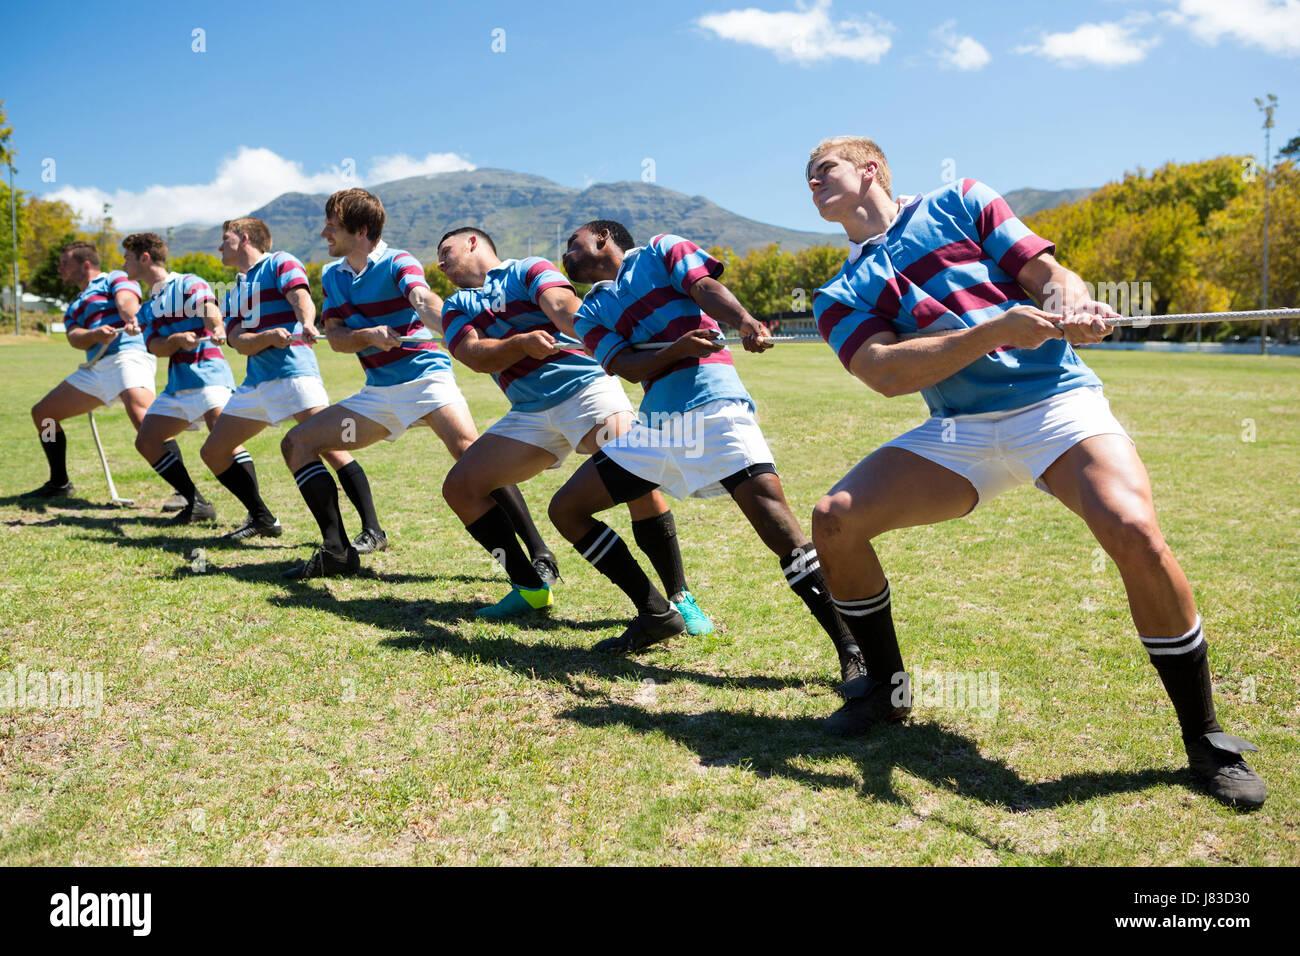 Volle Länge des Rugby-Spieler spielen Tauziehen auf Wiese gegen Himmel Stockbild